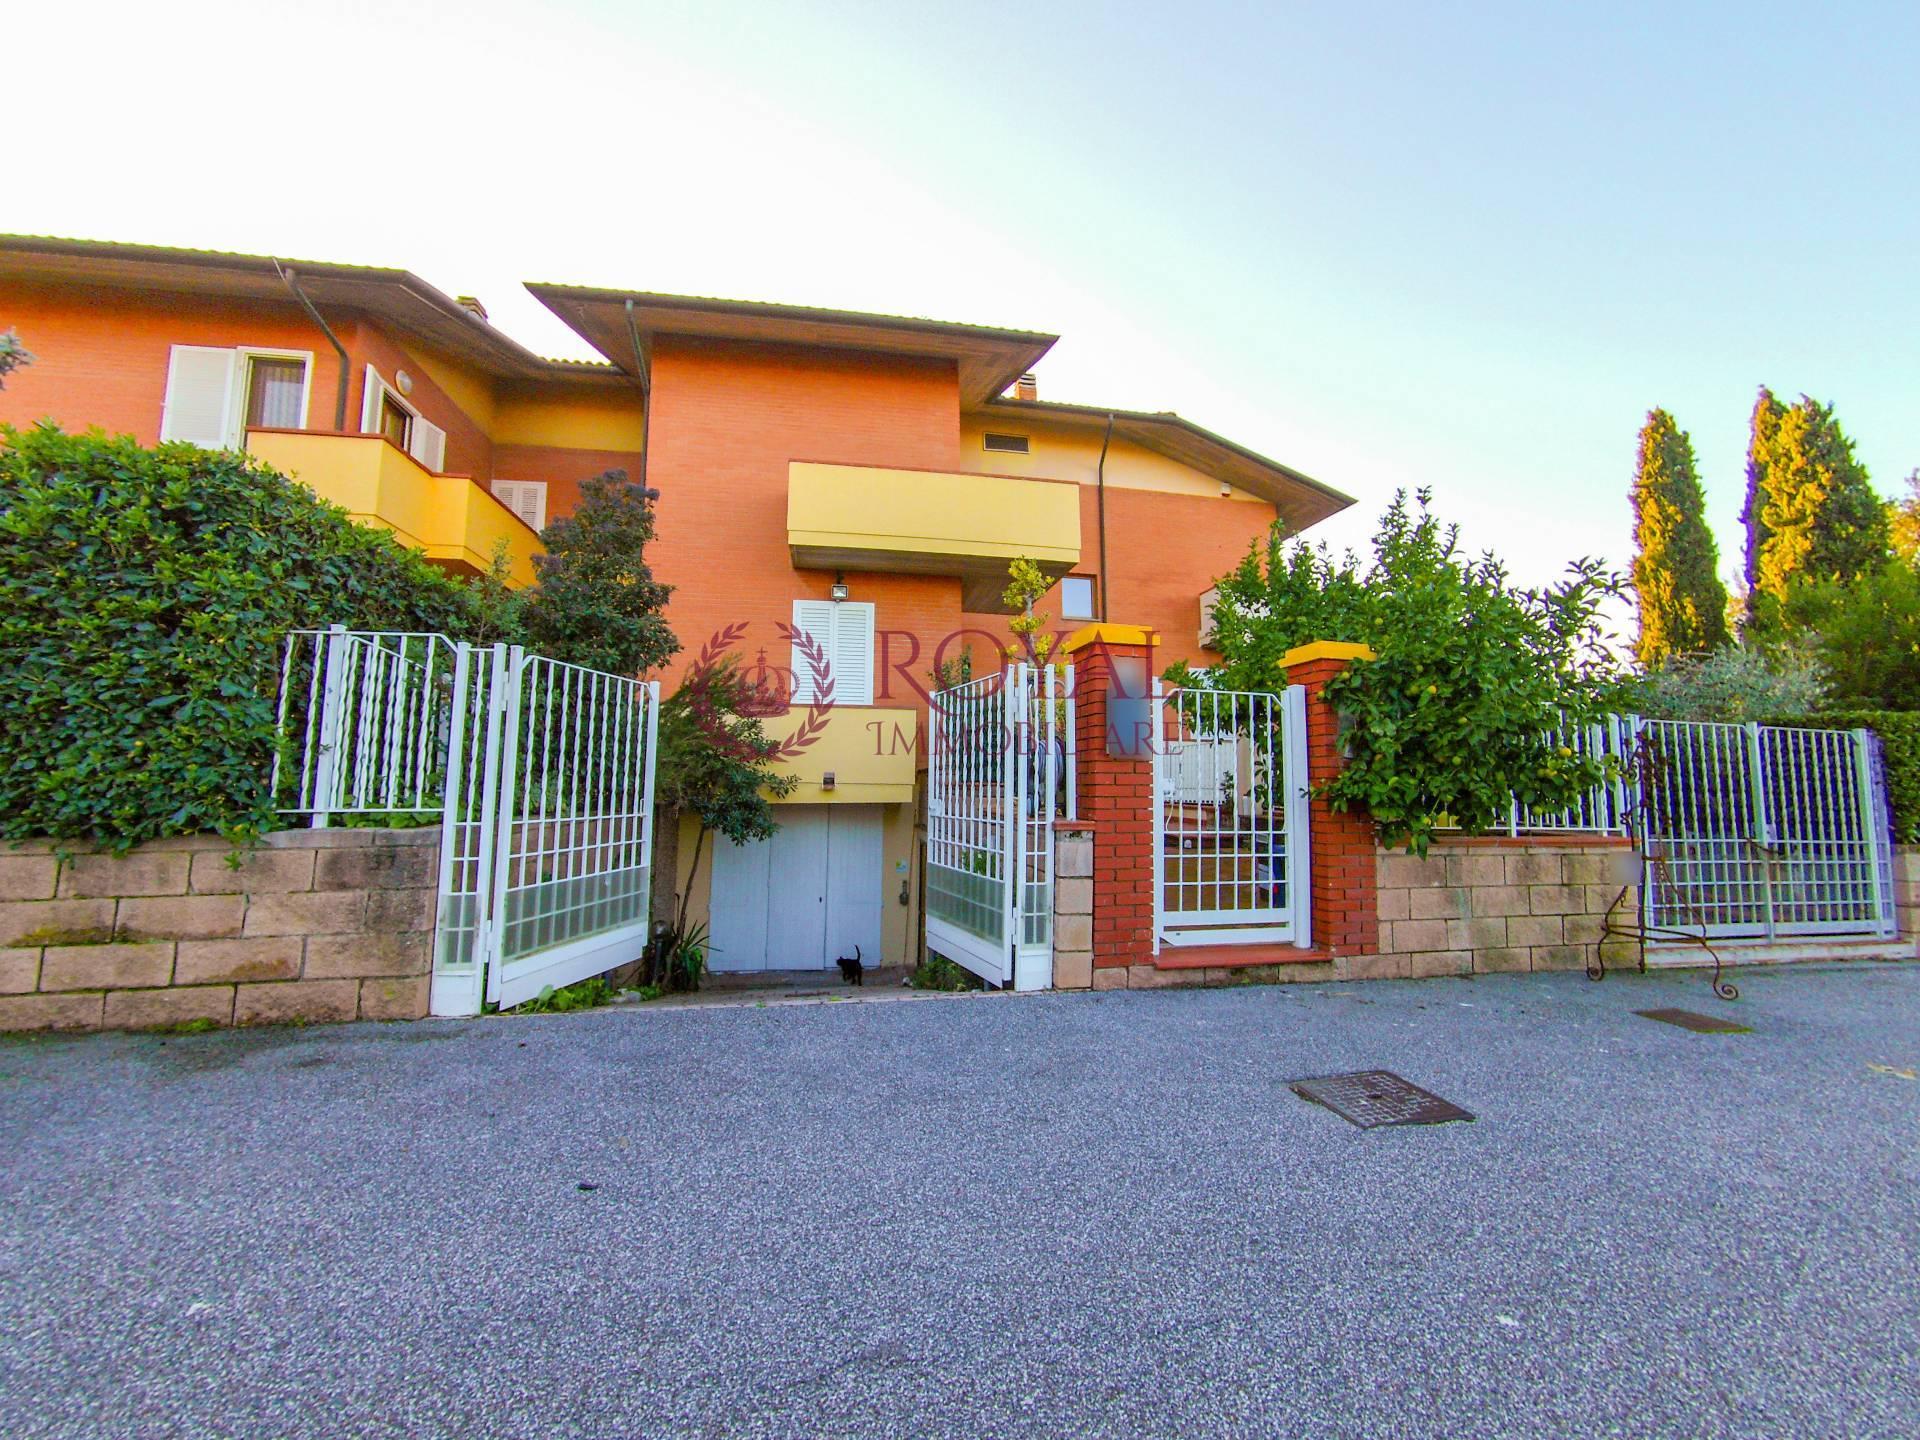 livorno vendita quart: montenero royal immobiliare professional s.a.s.